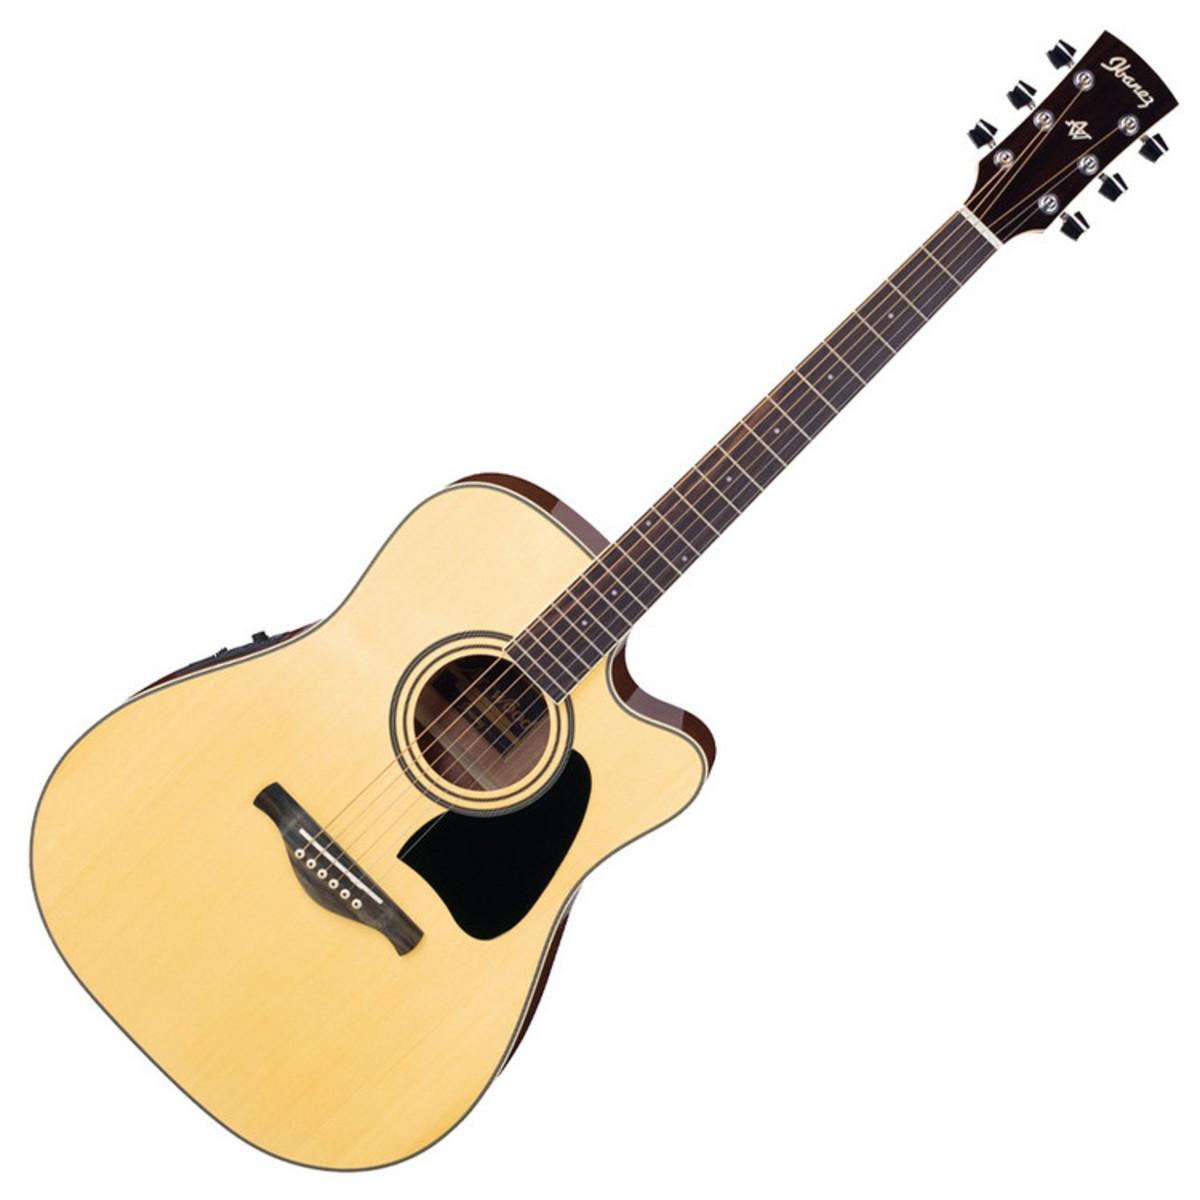 guitare ibanez aw70 electro acoustique artwood naturel. Black Bedroom Furniture Sets. Home Design Ideas